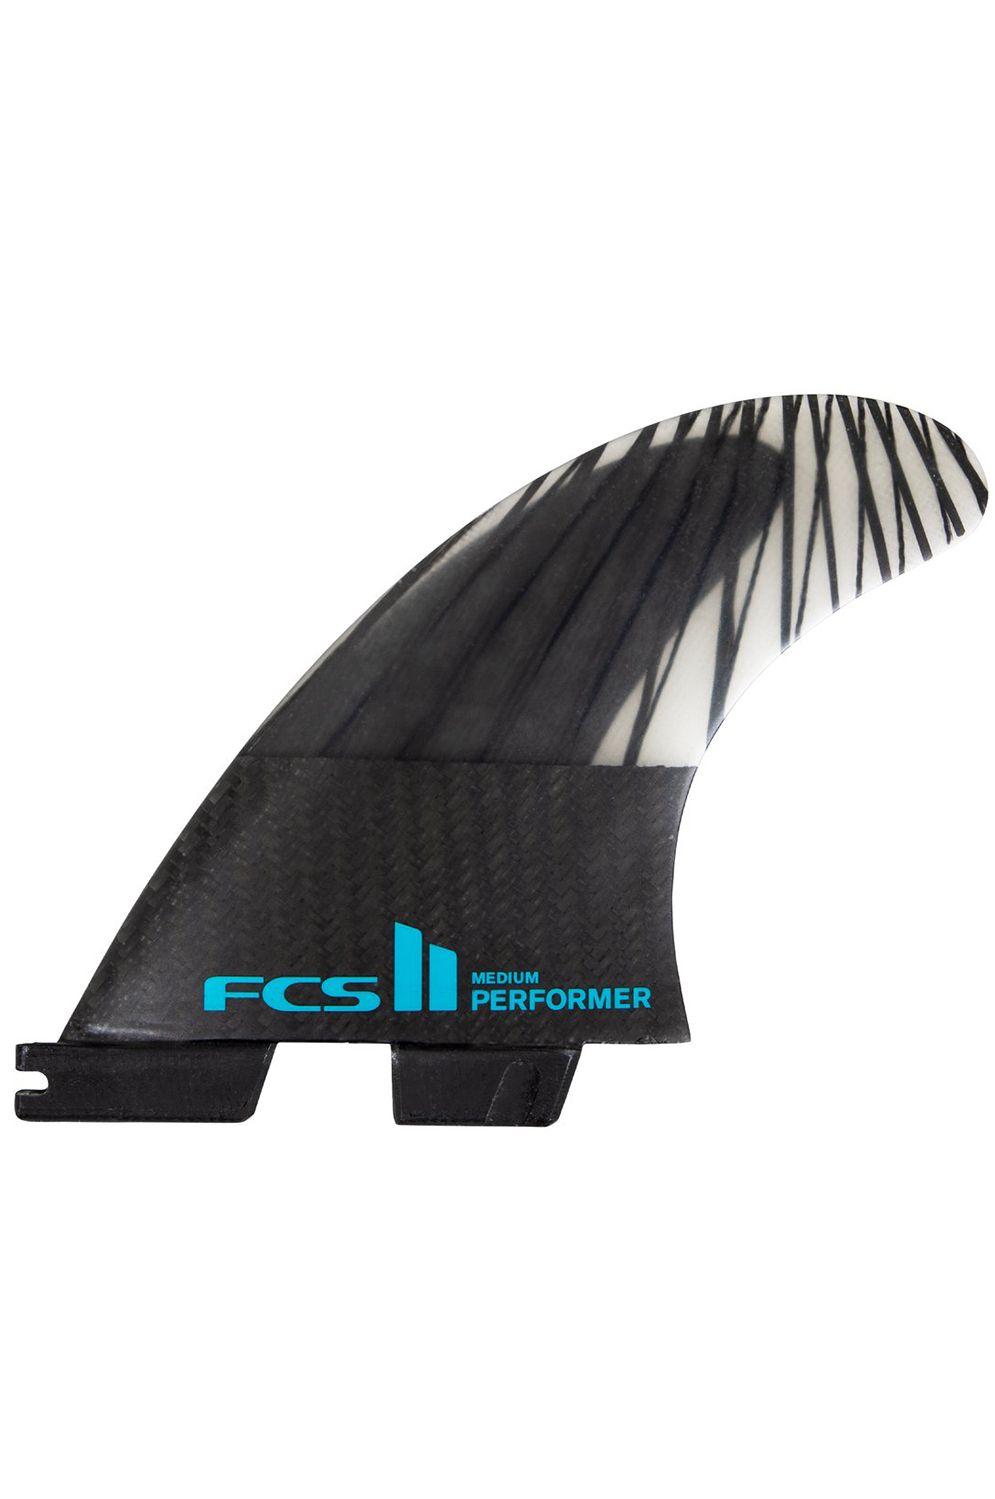 Fcs Fins II PERFORMER PC CARBON SMALL BLACK/TEAL TRI Tri FCS II S